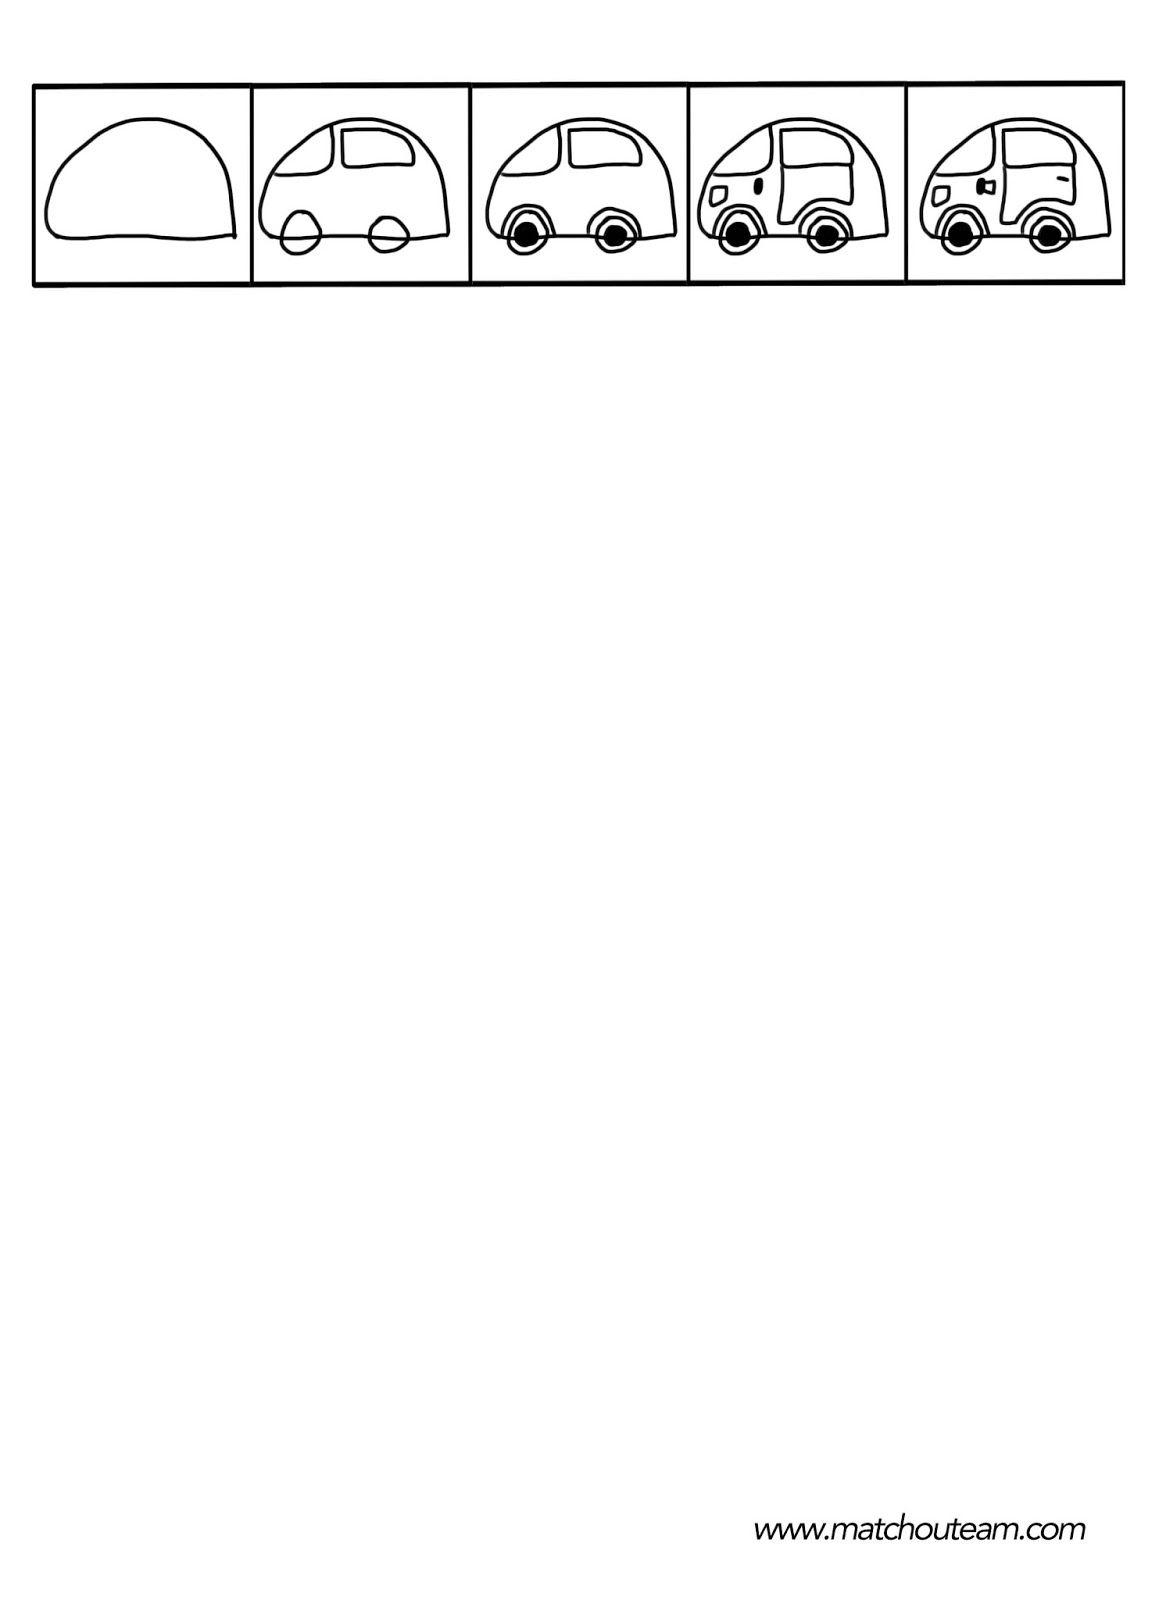 Dessin facile a reproduire par etape voiture dessin de manga - Voiture simple a dessiner ...